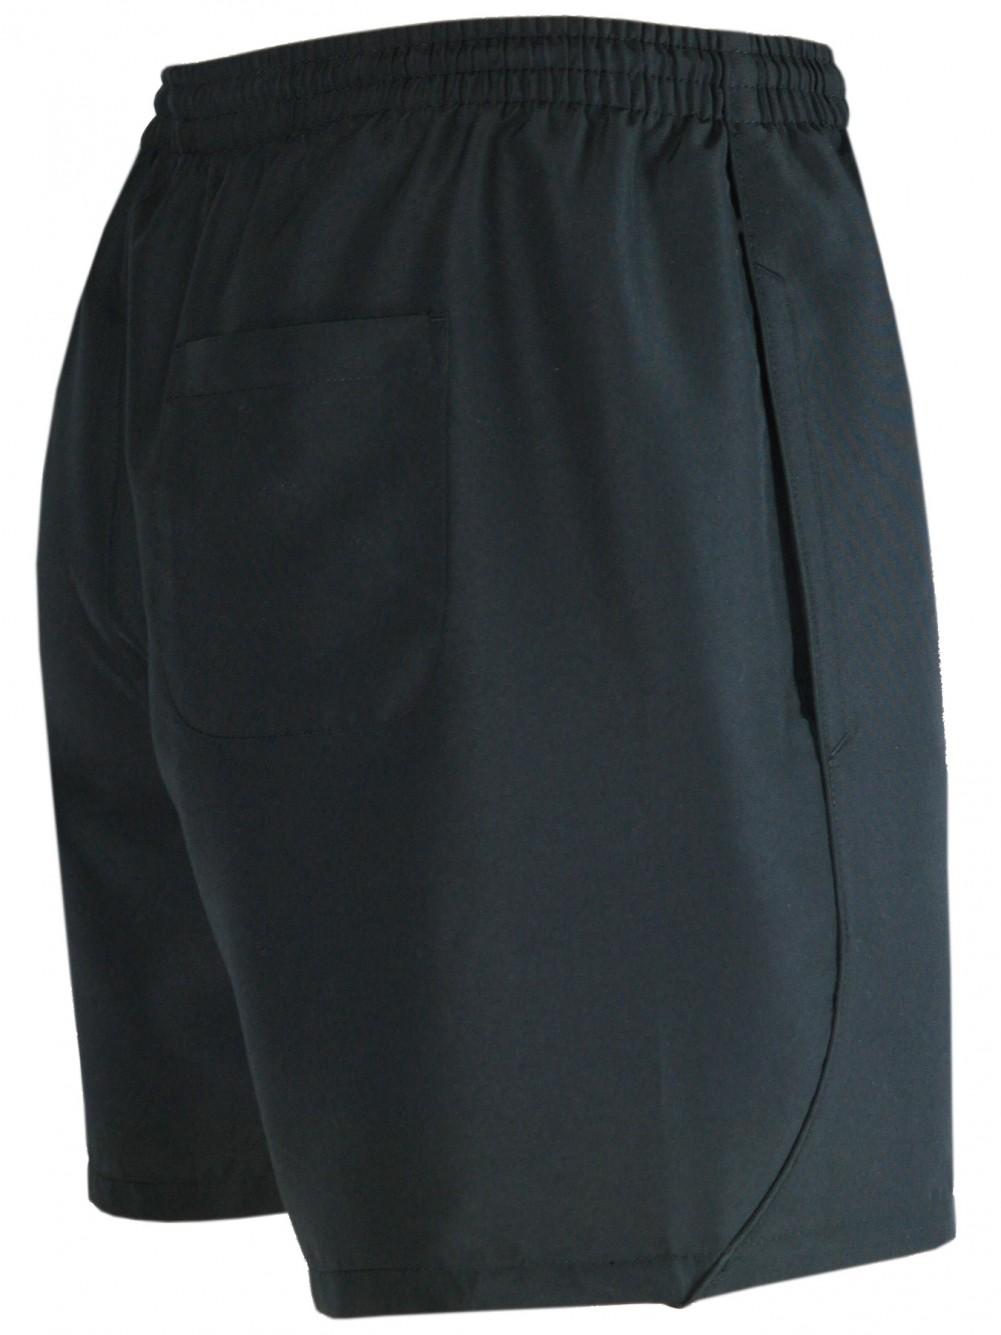 Herren Shorts kurze Hose aus ultra-leichter Mikrofaser - Schwarz/Seitenansicht